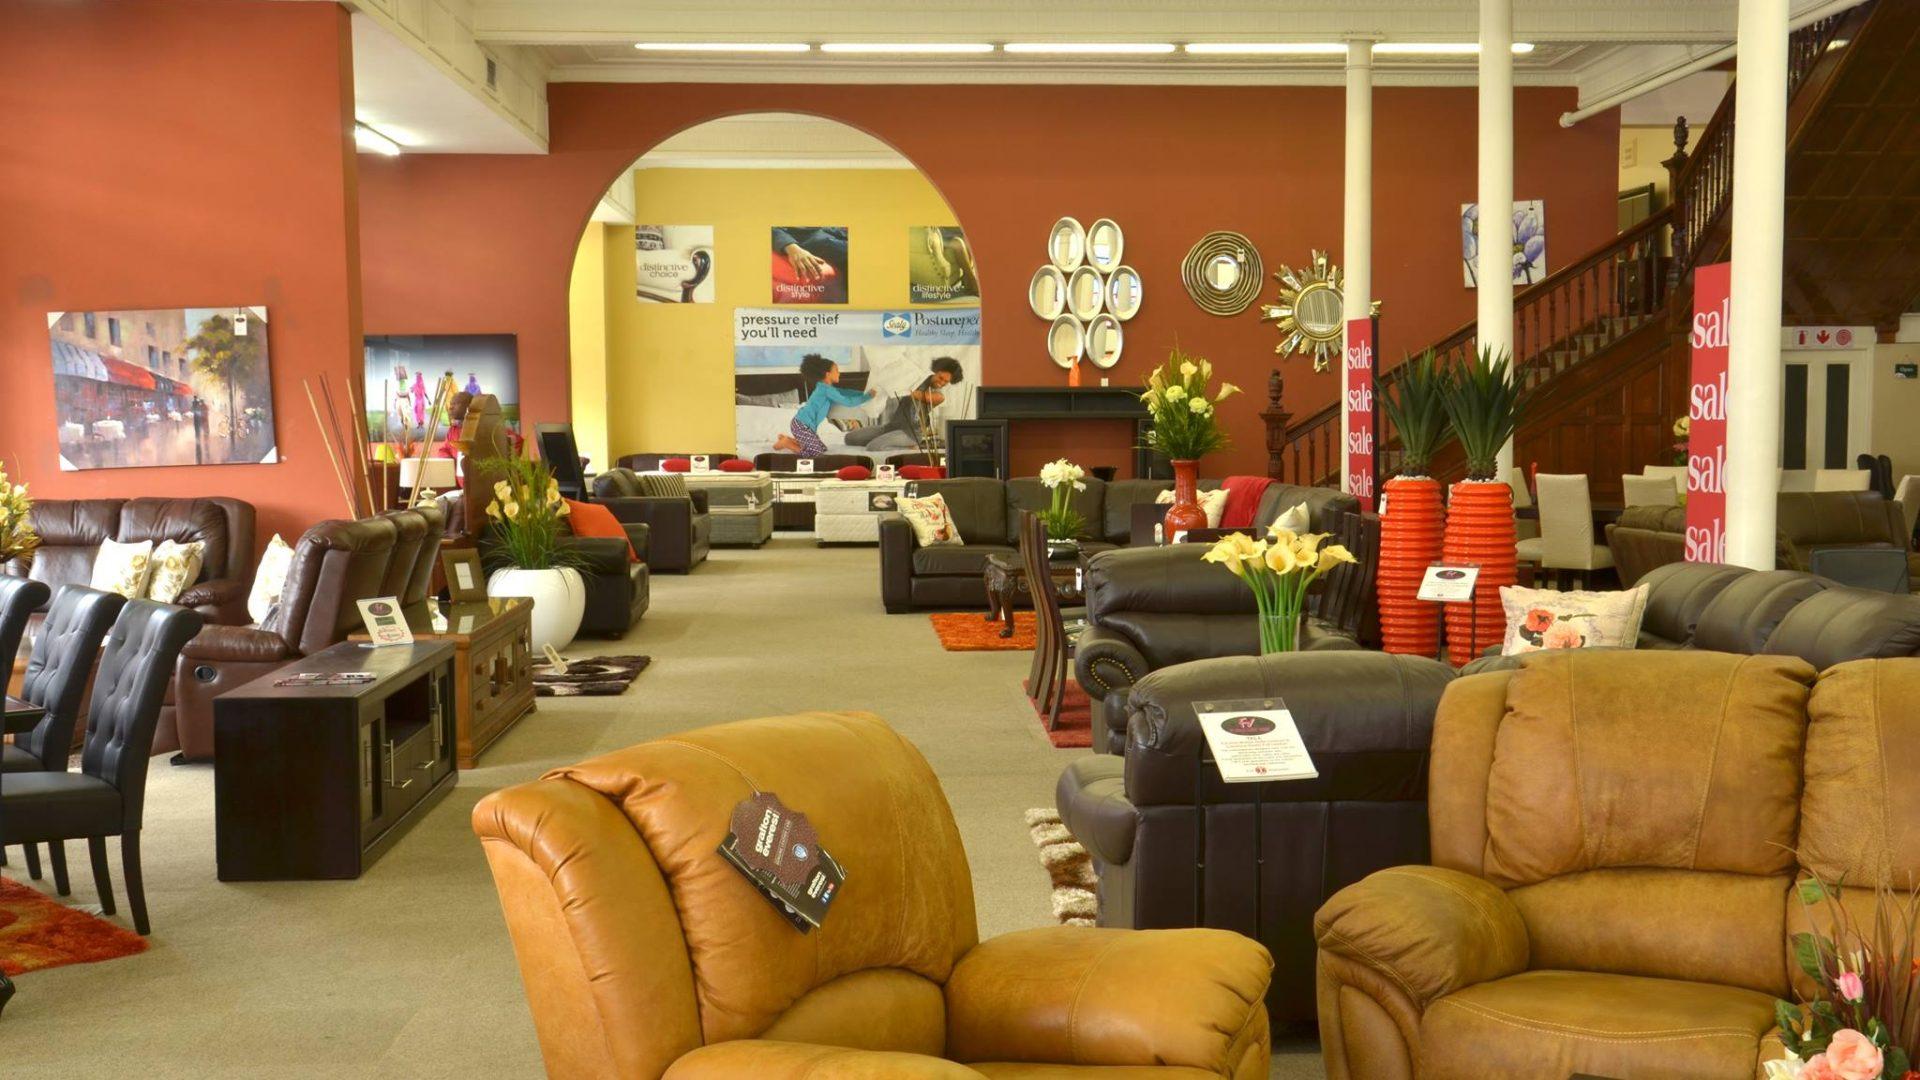 Furniture Vibe